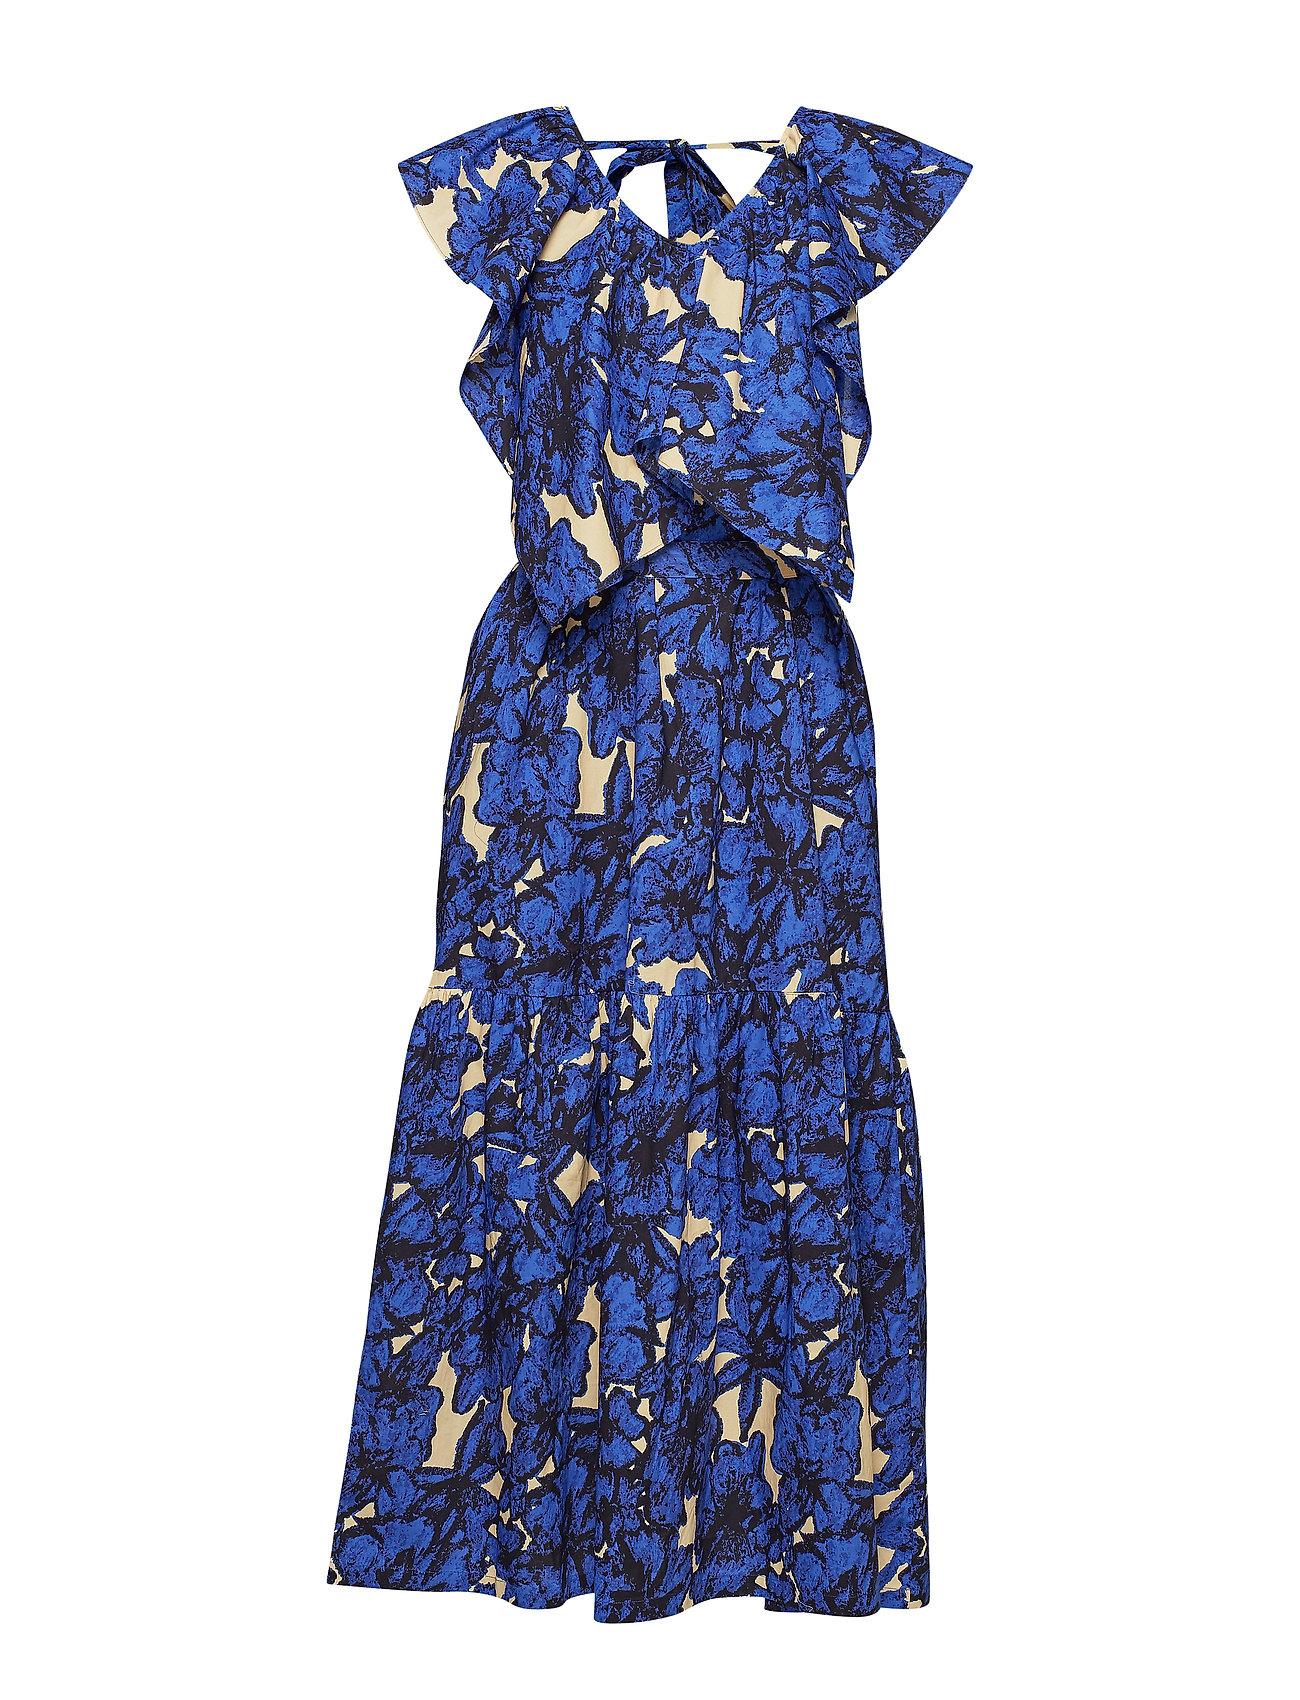 RODEBJER GLOURIA FLOWER - INTENSE BLUE